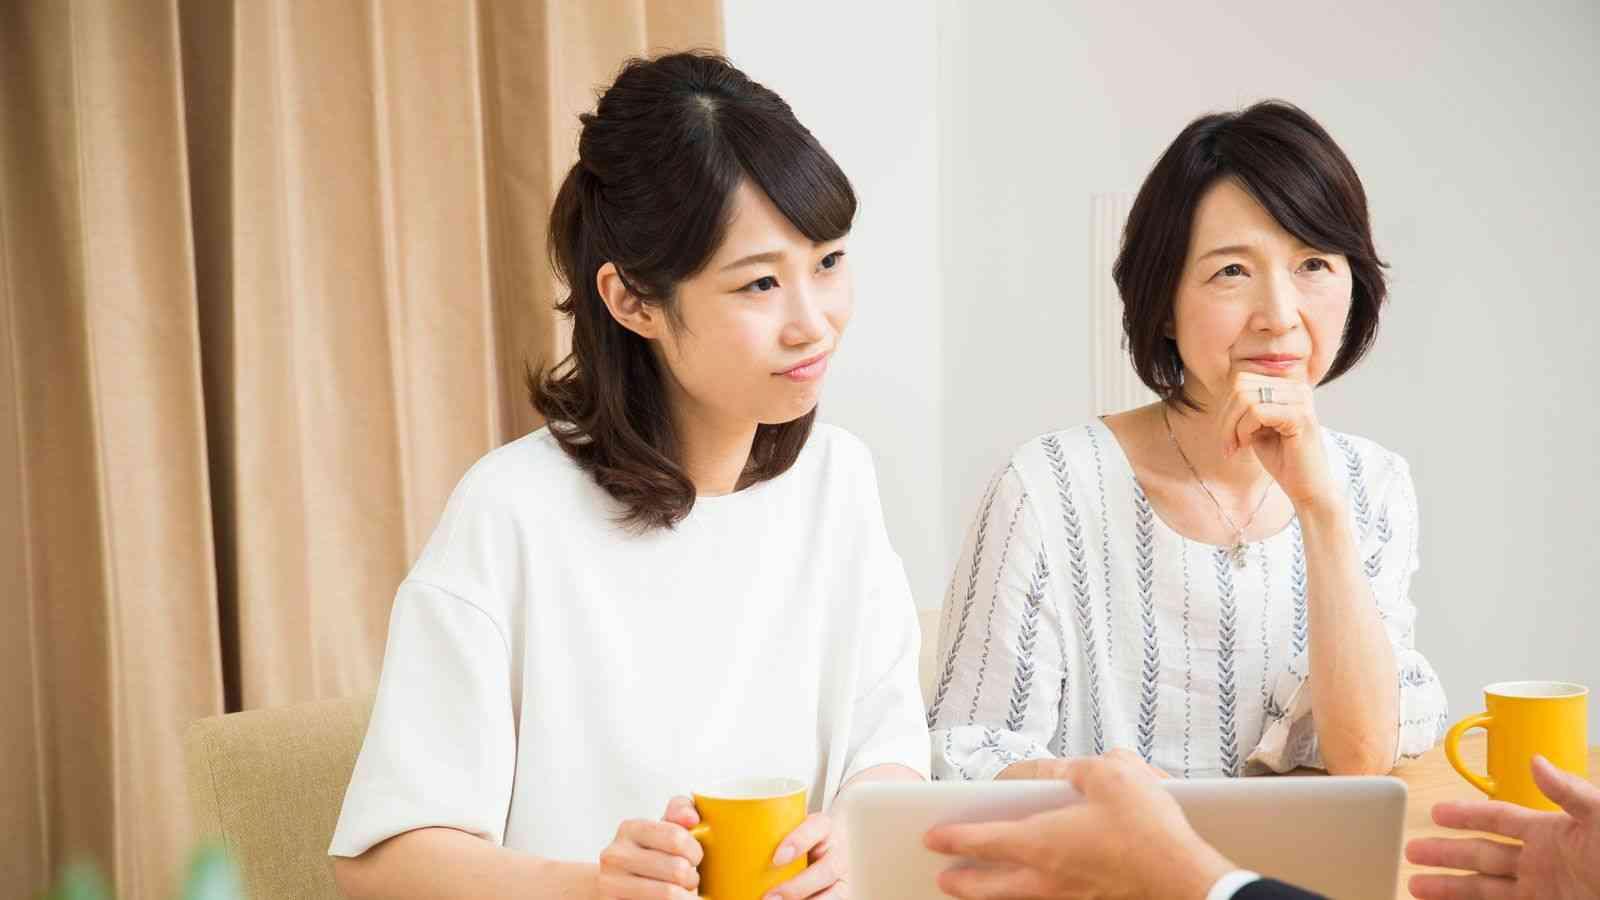 39歳女性の結婚話を次々ツブす「母からのNG」 | 仲人はミタ-婚活現場からのリアルボイス- | 東洋経済オンライン | 経済ニュースの新基準